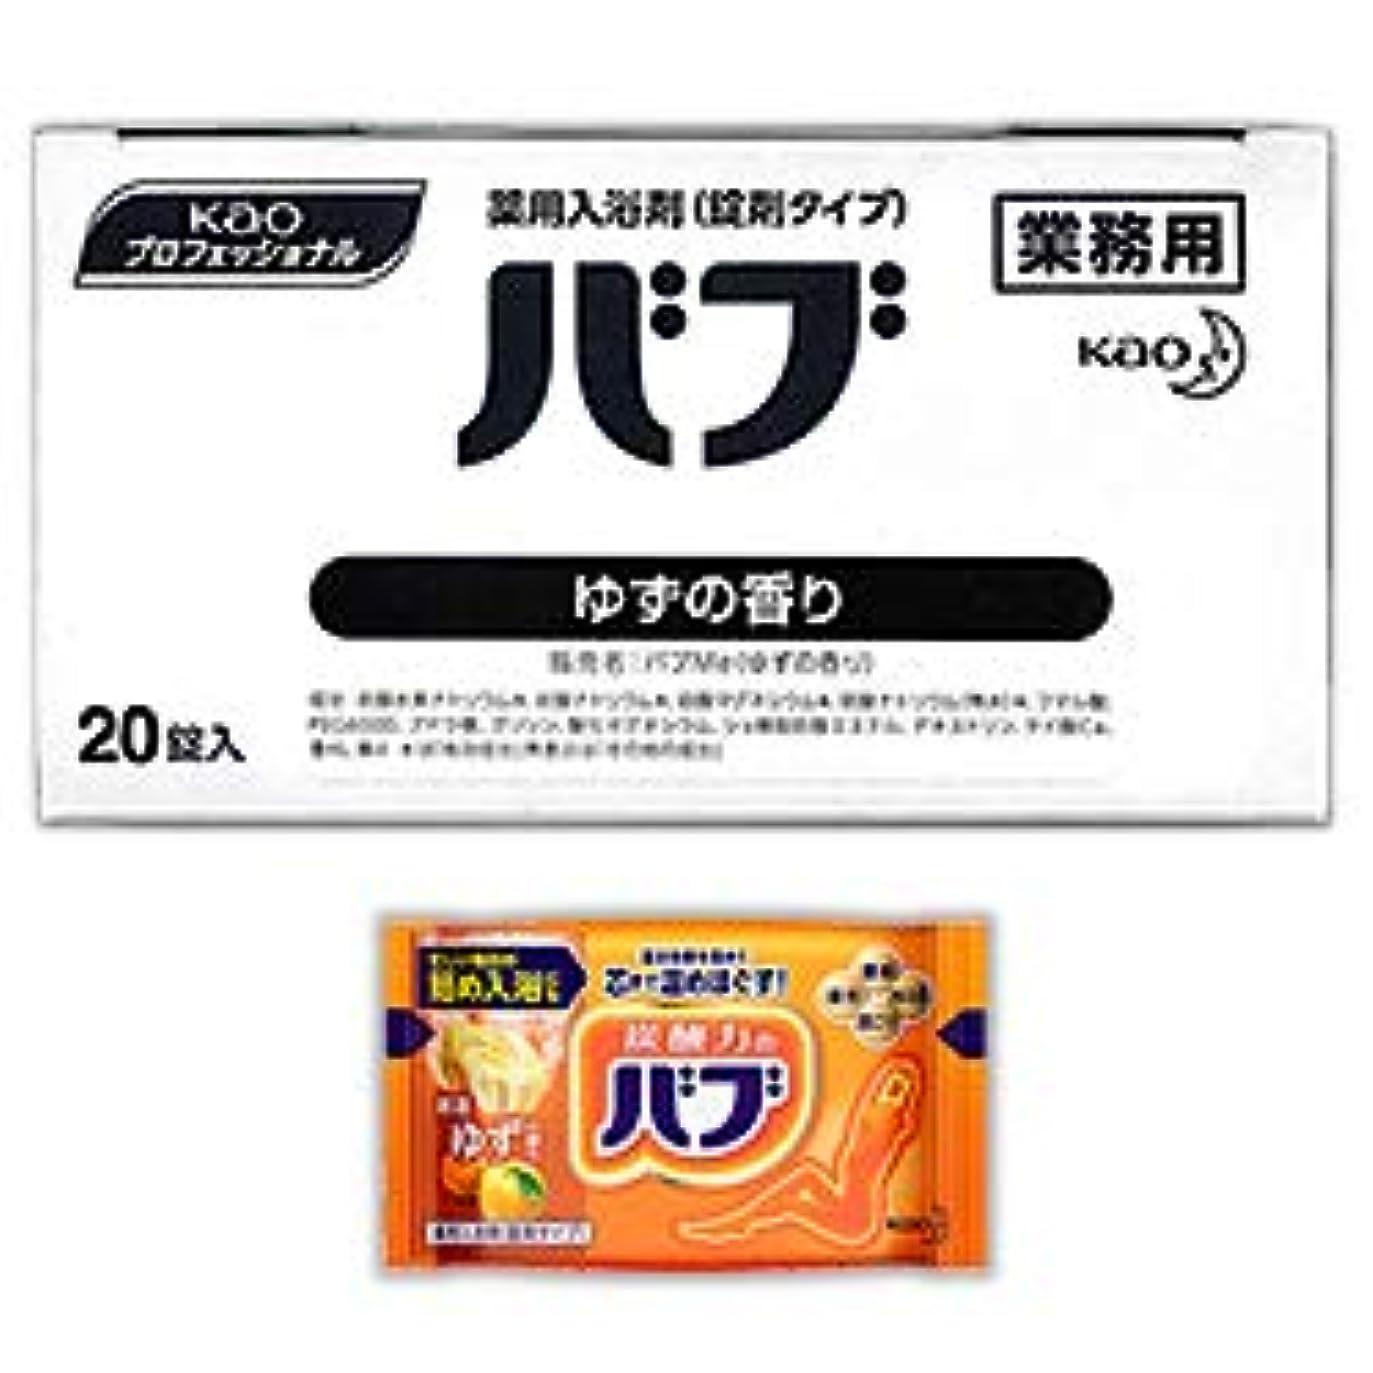 リングレット刺す先住民【花王】Kaoプロフェッショナル バブ ゆずの香り(業務用) 40g×20錠入 ×4個セット